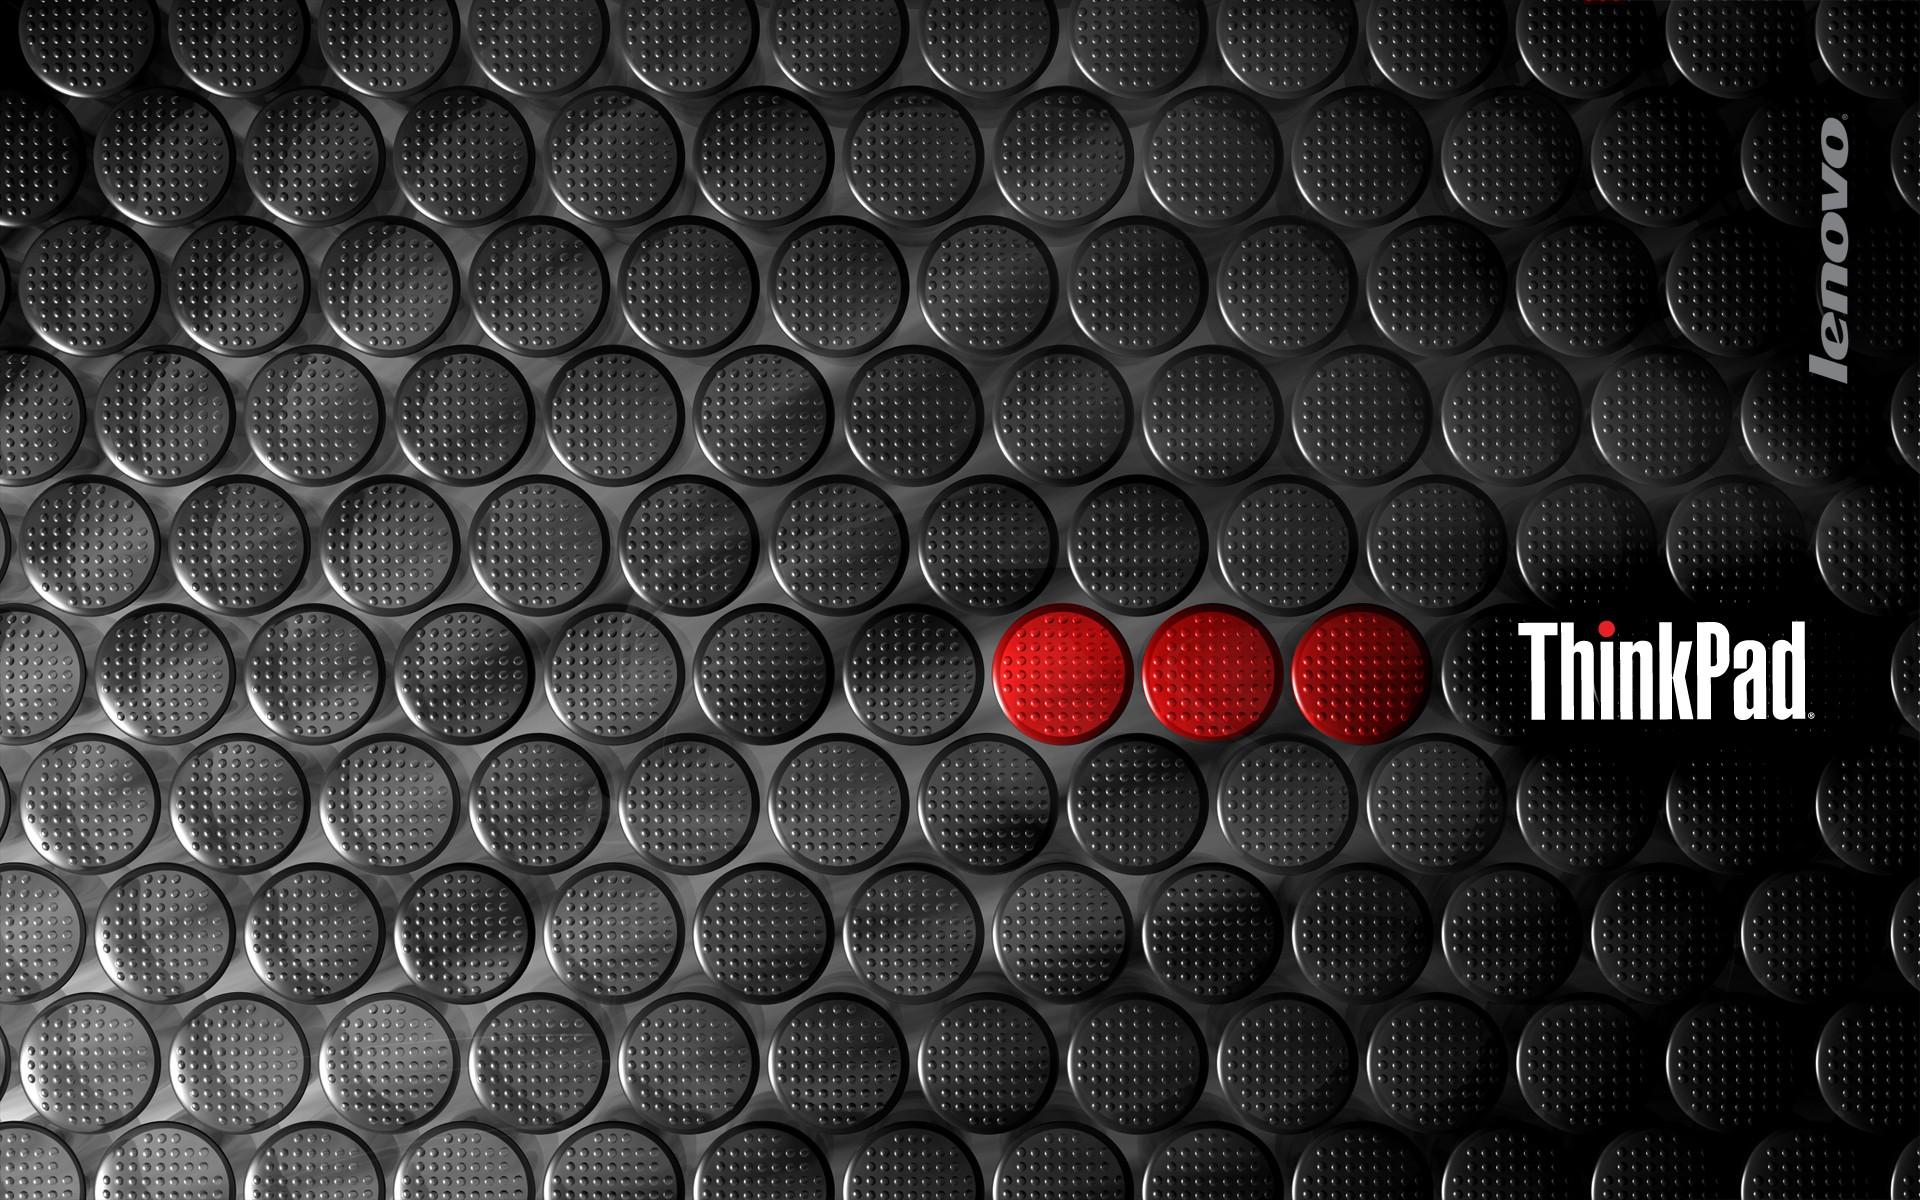 Lenovo ThinkPad 1920x1200